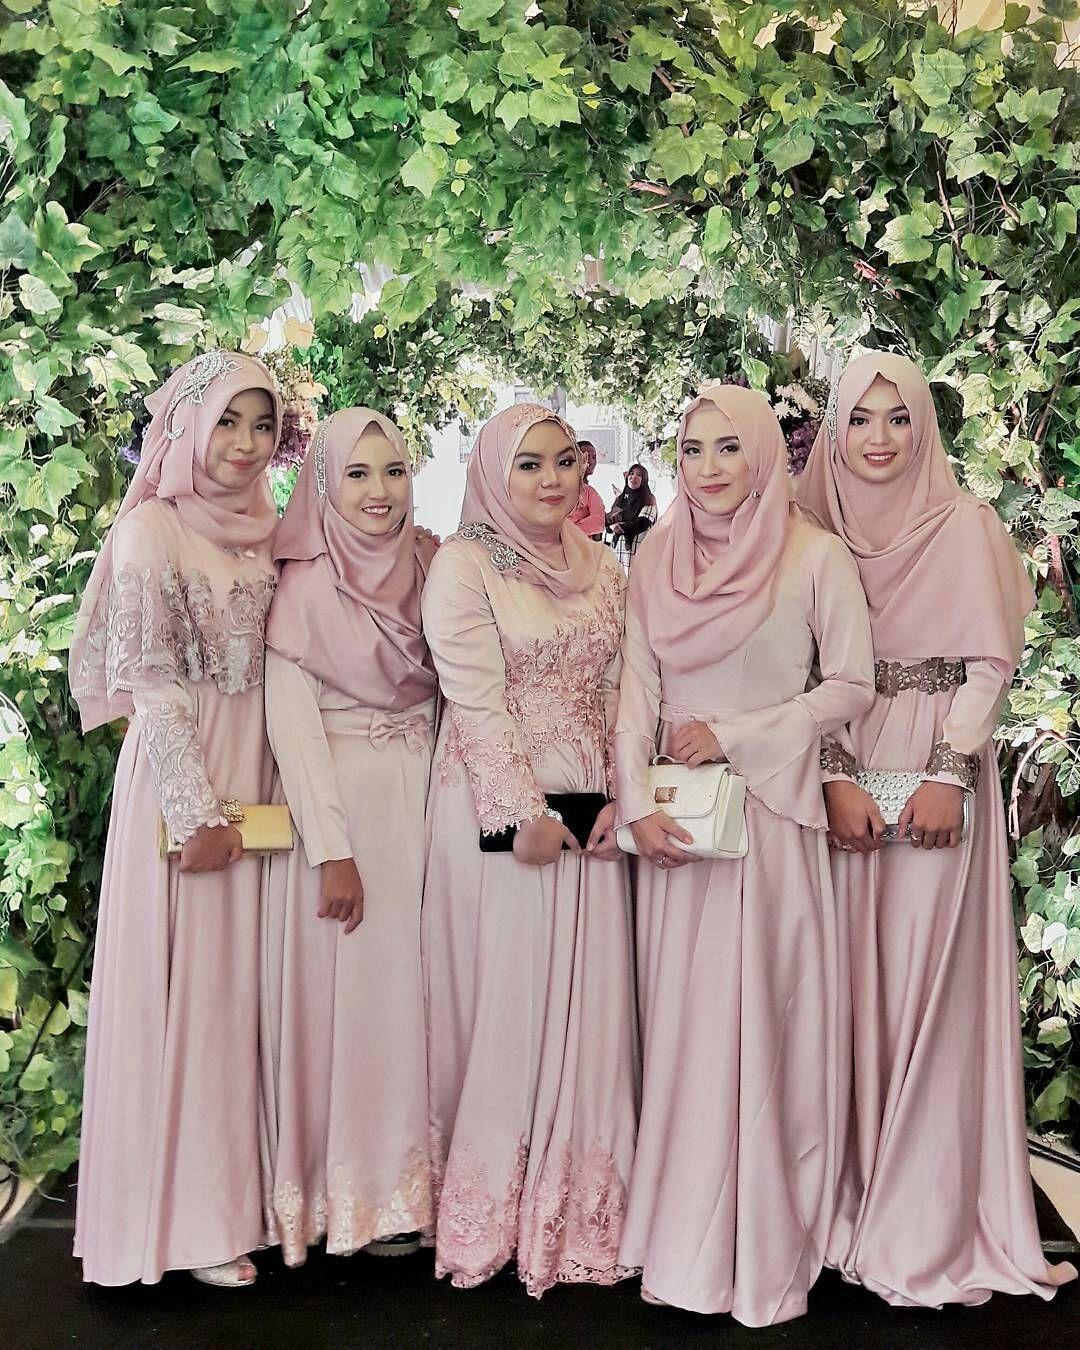 Cantik sekaliii batik pinterest kebaya muslim and niqab